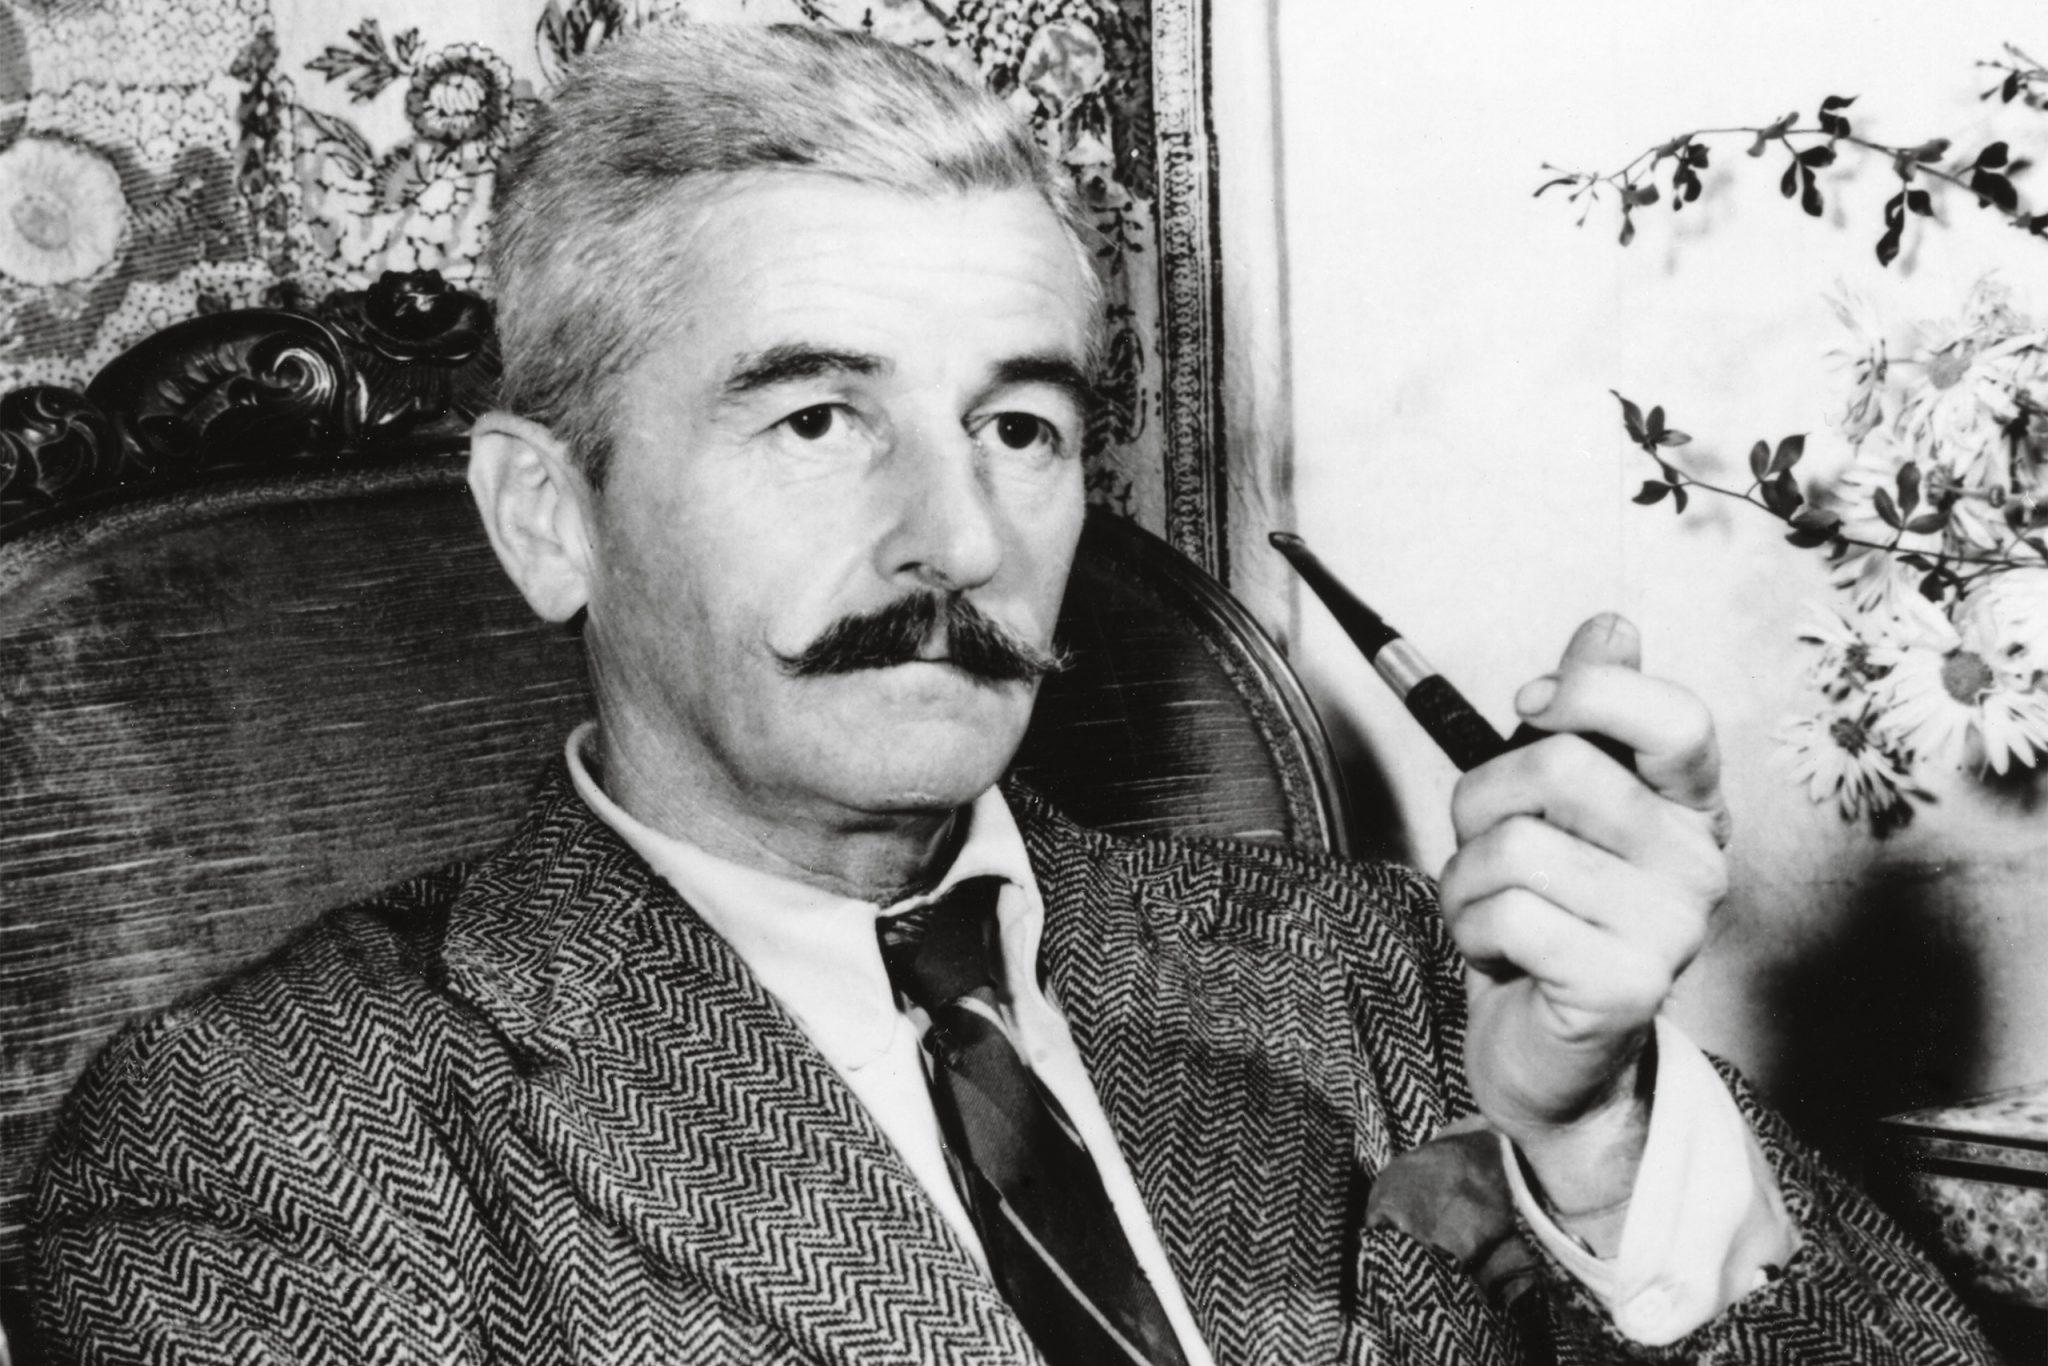 ویلیام کاتبرت فاکنر (به انگلیسی: William Cuthbert Faulkner)  (۱۸۹۷ - ۱۹۶۲) رماننویس آمریکایی و برندهٔ جایزه نوبل ادبیات بود. فاکنر در سبکهای گوناگون شامل رمان، داستان کوتاه، نمایشنامه، شعر و مقاله صاحب اثر است. شهرت او عمدتاً به خاطر رمانها و داستانهای کوتاهش است که بسیاری از آنها در شهر خیالی یوکناپاتافا (به انگلیسی: Yoknapatawpha County) اتفاق میافتد که فاکنر آن را بر اساس ناحیهٔ لافایت (به انگلیسی: Lafayette)، که بیشتر زندگی خود را در آنجا سپری کرده بود، و ناحیه هالی اسپرینگز/مارشال (به انگلیسی: Holly Springs/Marshall) آفریدهاست.